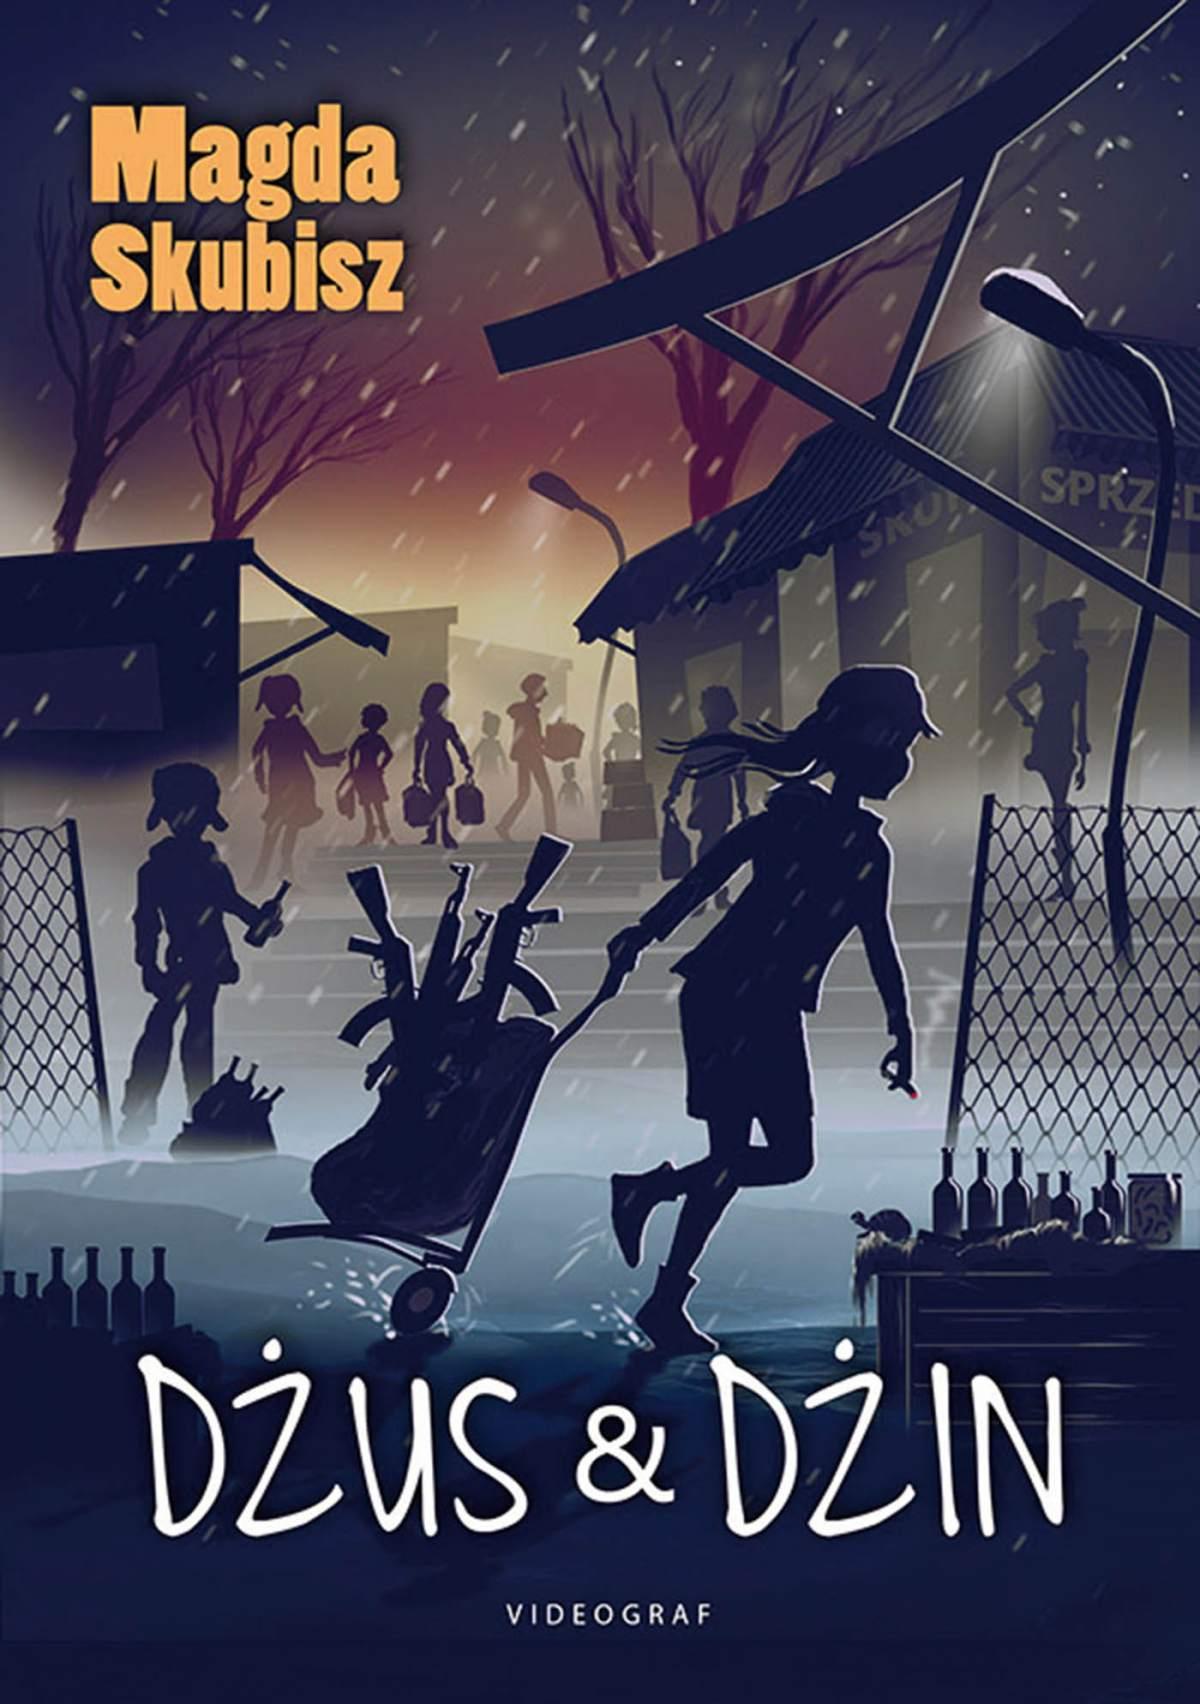 Dżus & Dżin - Ebook (Książka EPUB) do pobrania w formacie EPUB